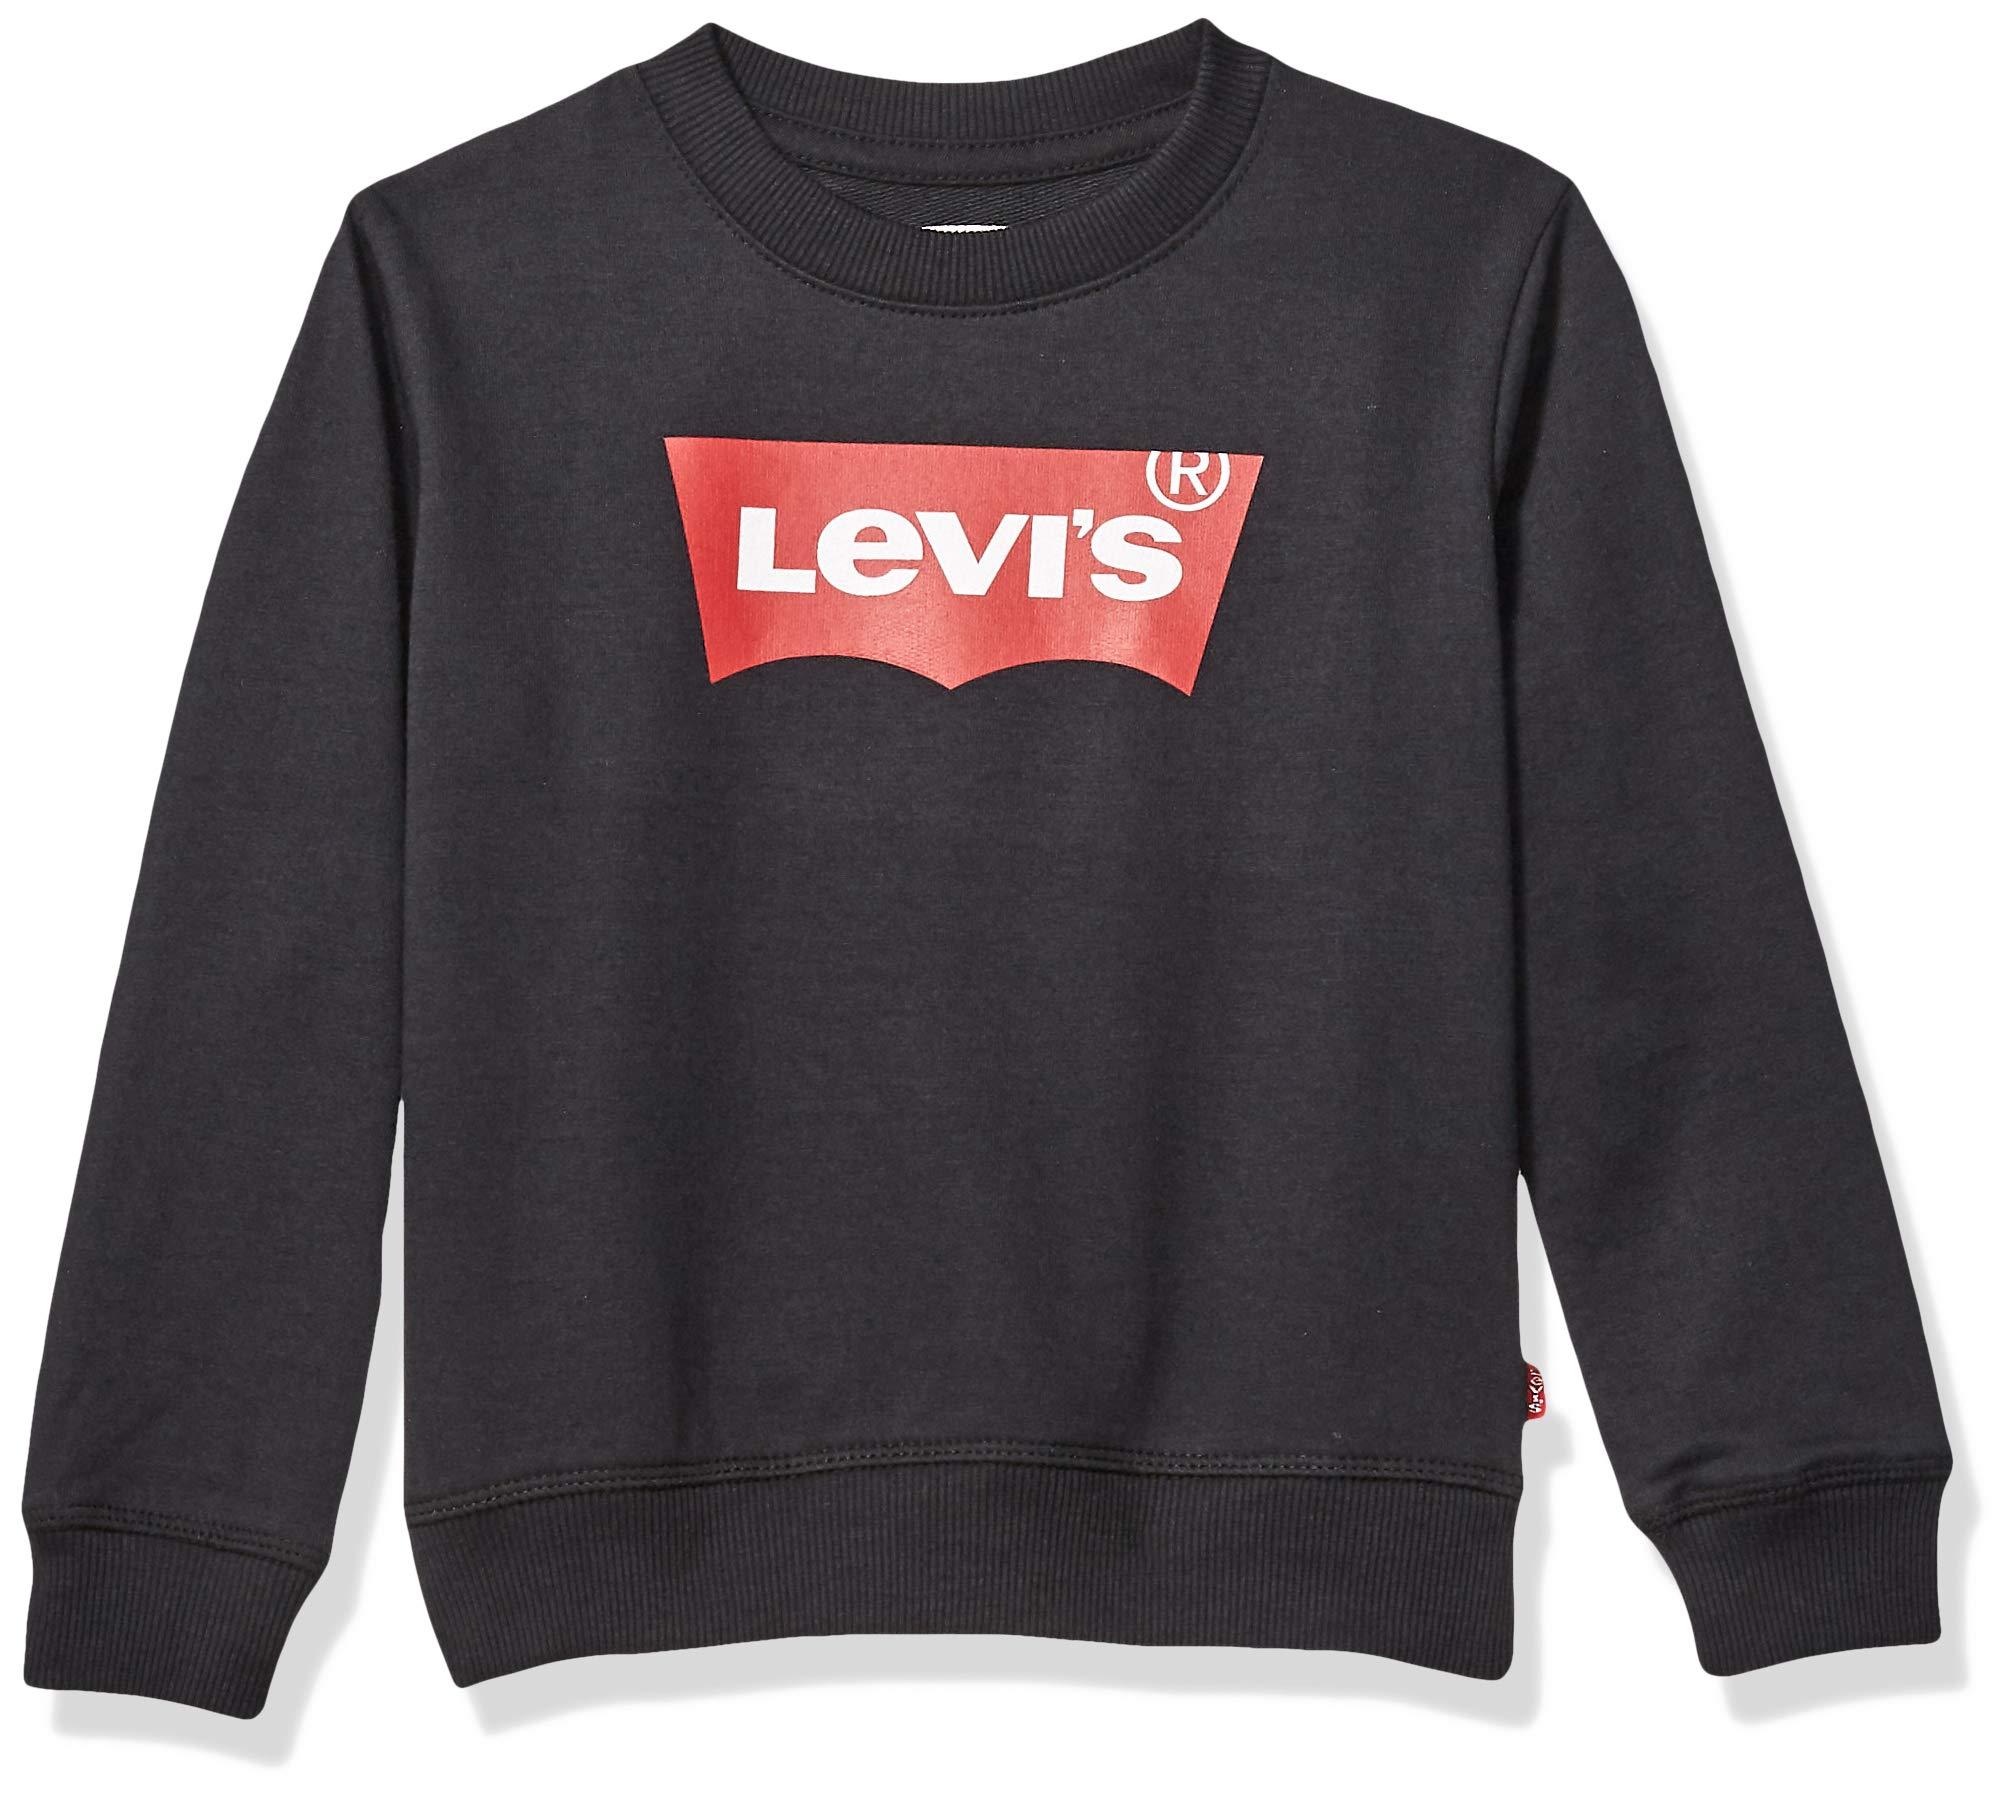 Levi's Boys' Big' Crewneck Sweatshirt Black L